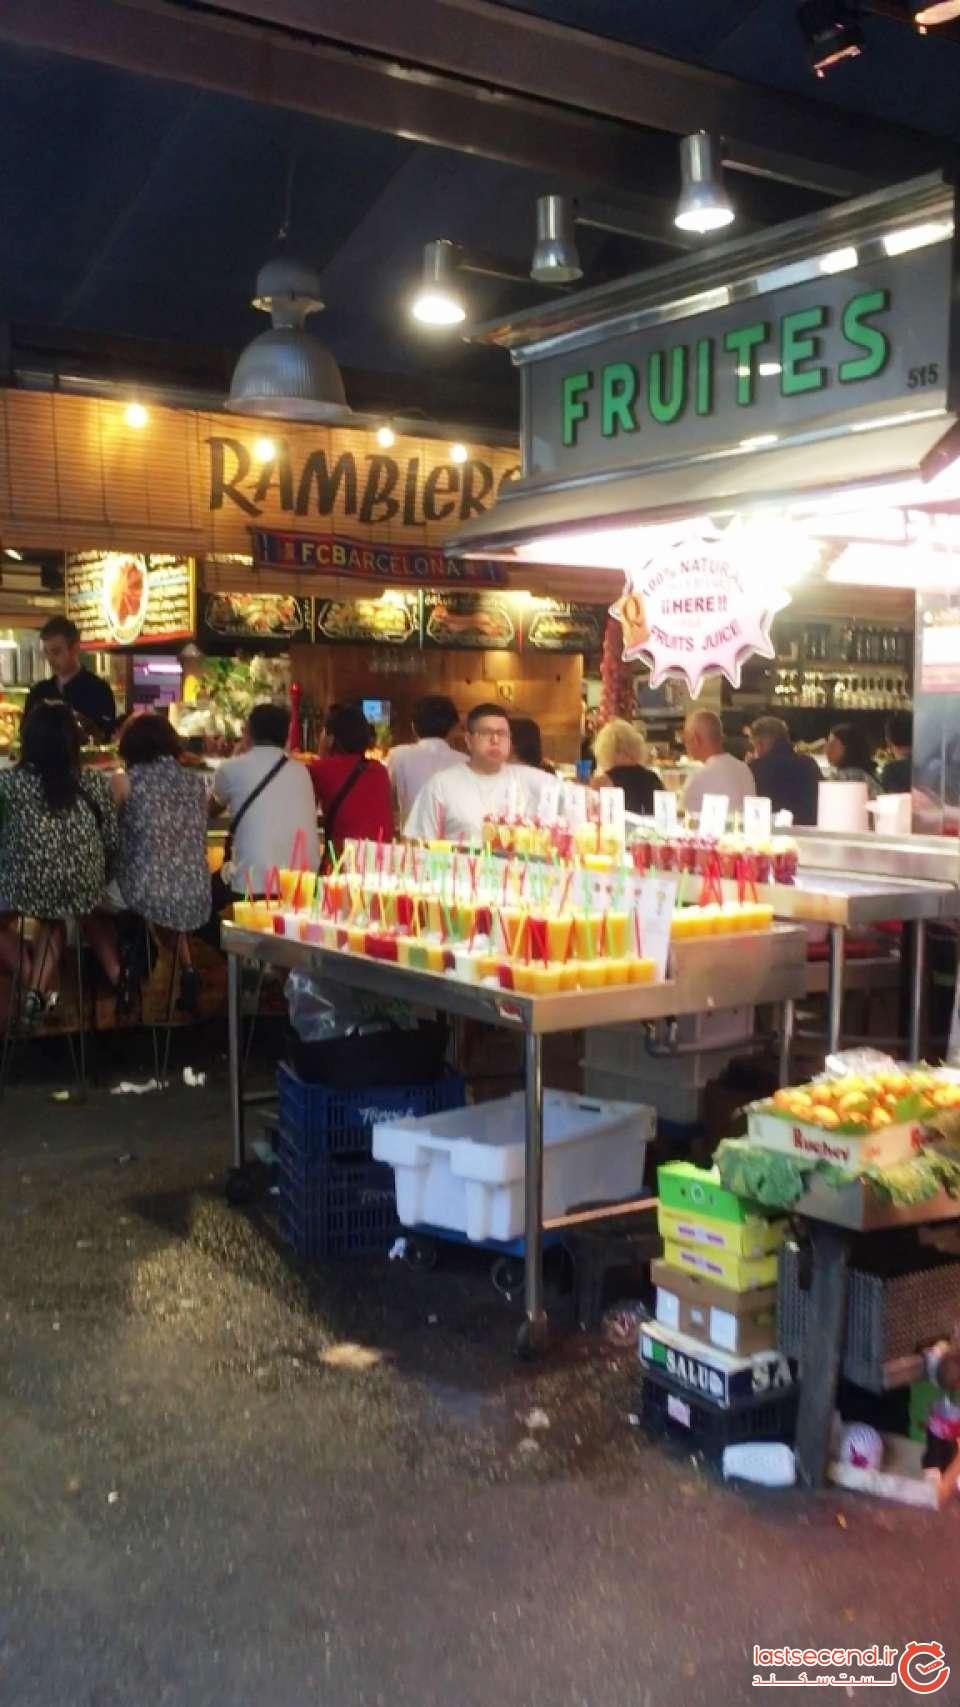 بازار روز در خیابان رامبلا بارسلونا